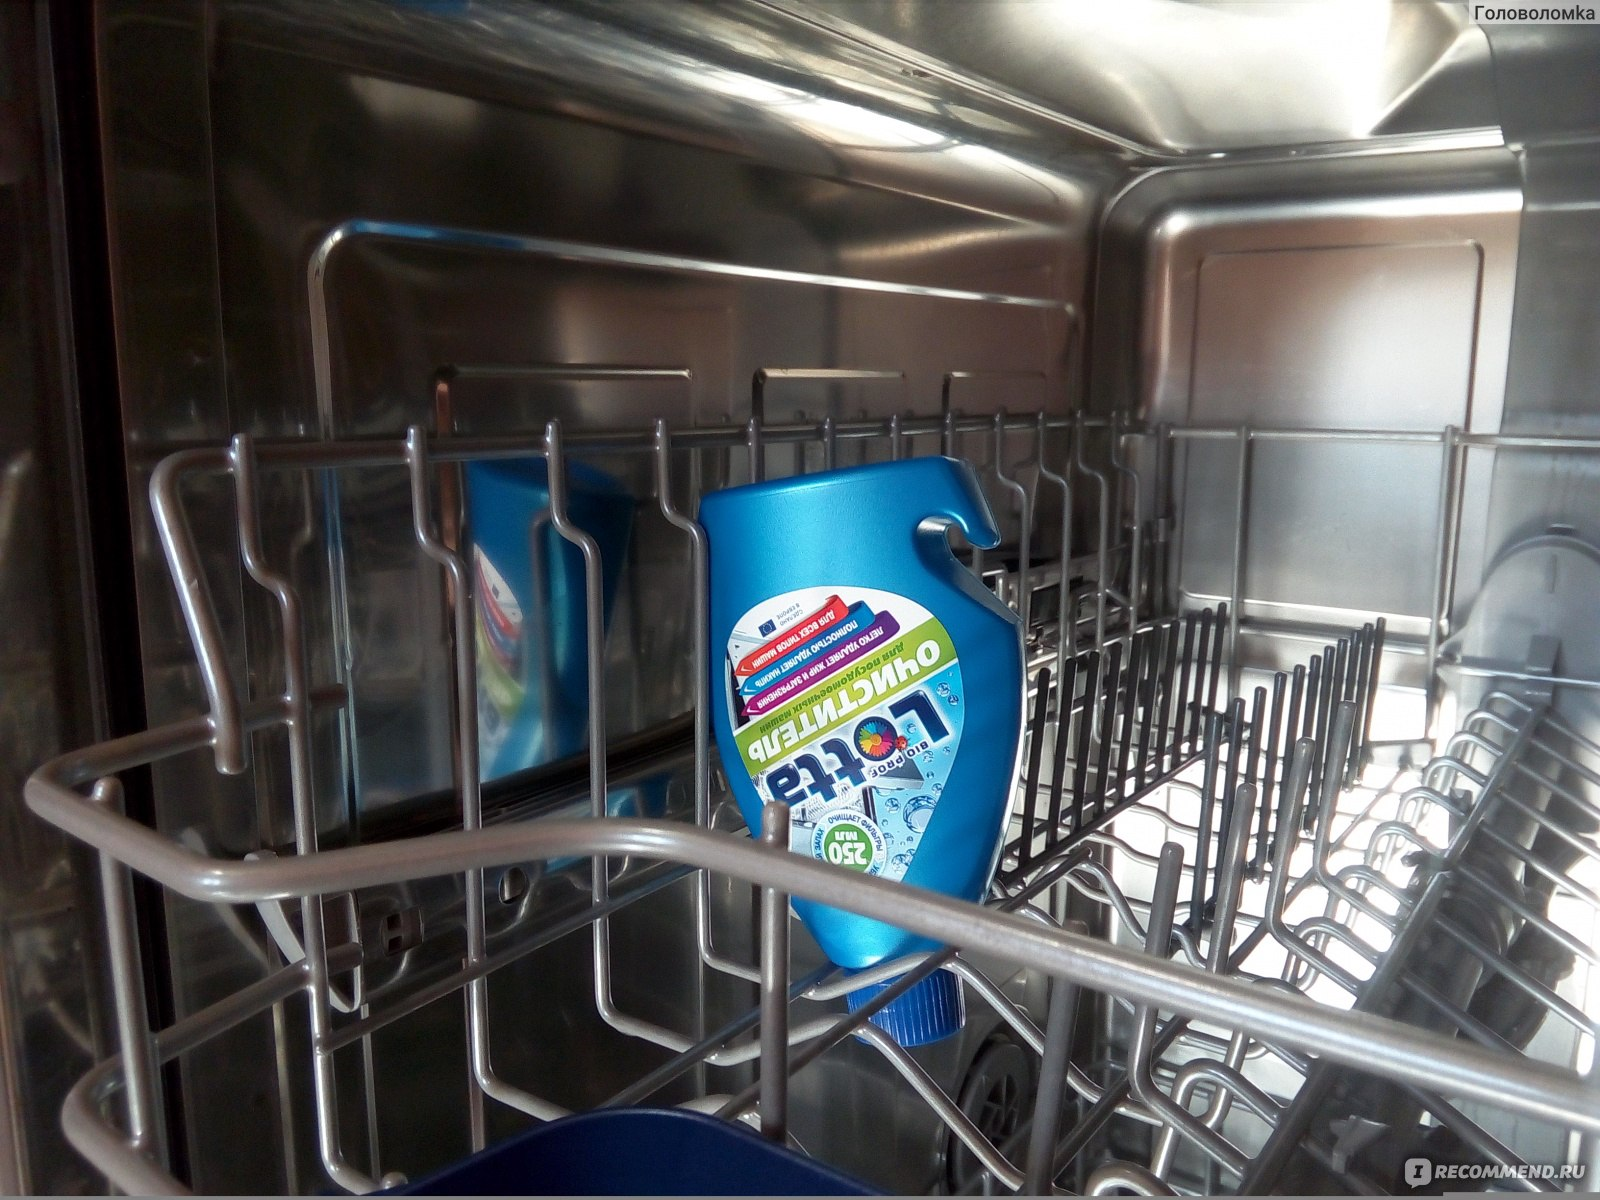 Ведущие производители посудомоечных машин: обзор пятерки лидеров рынка